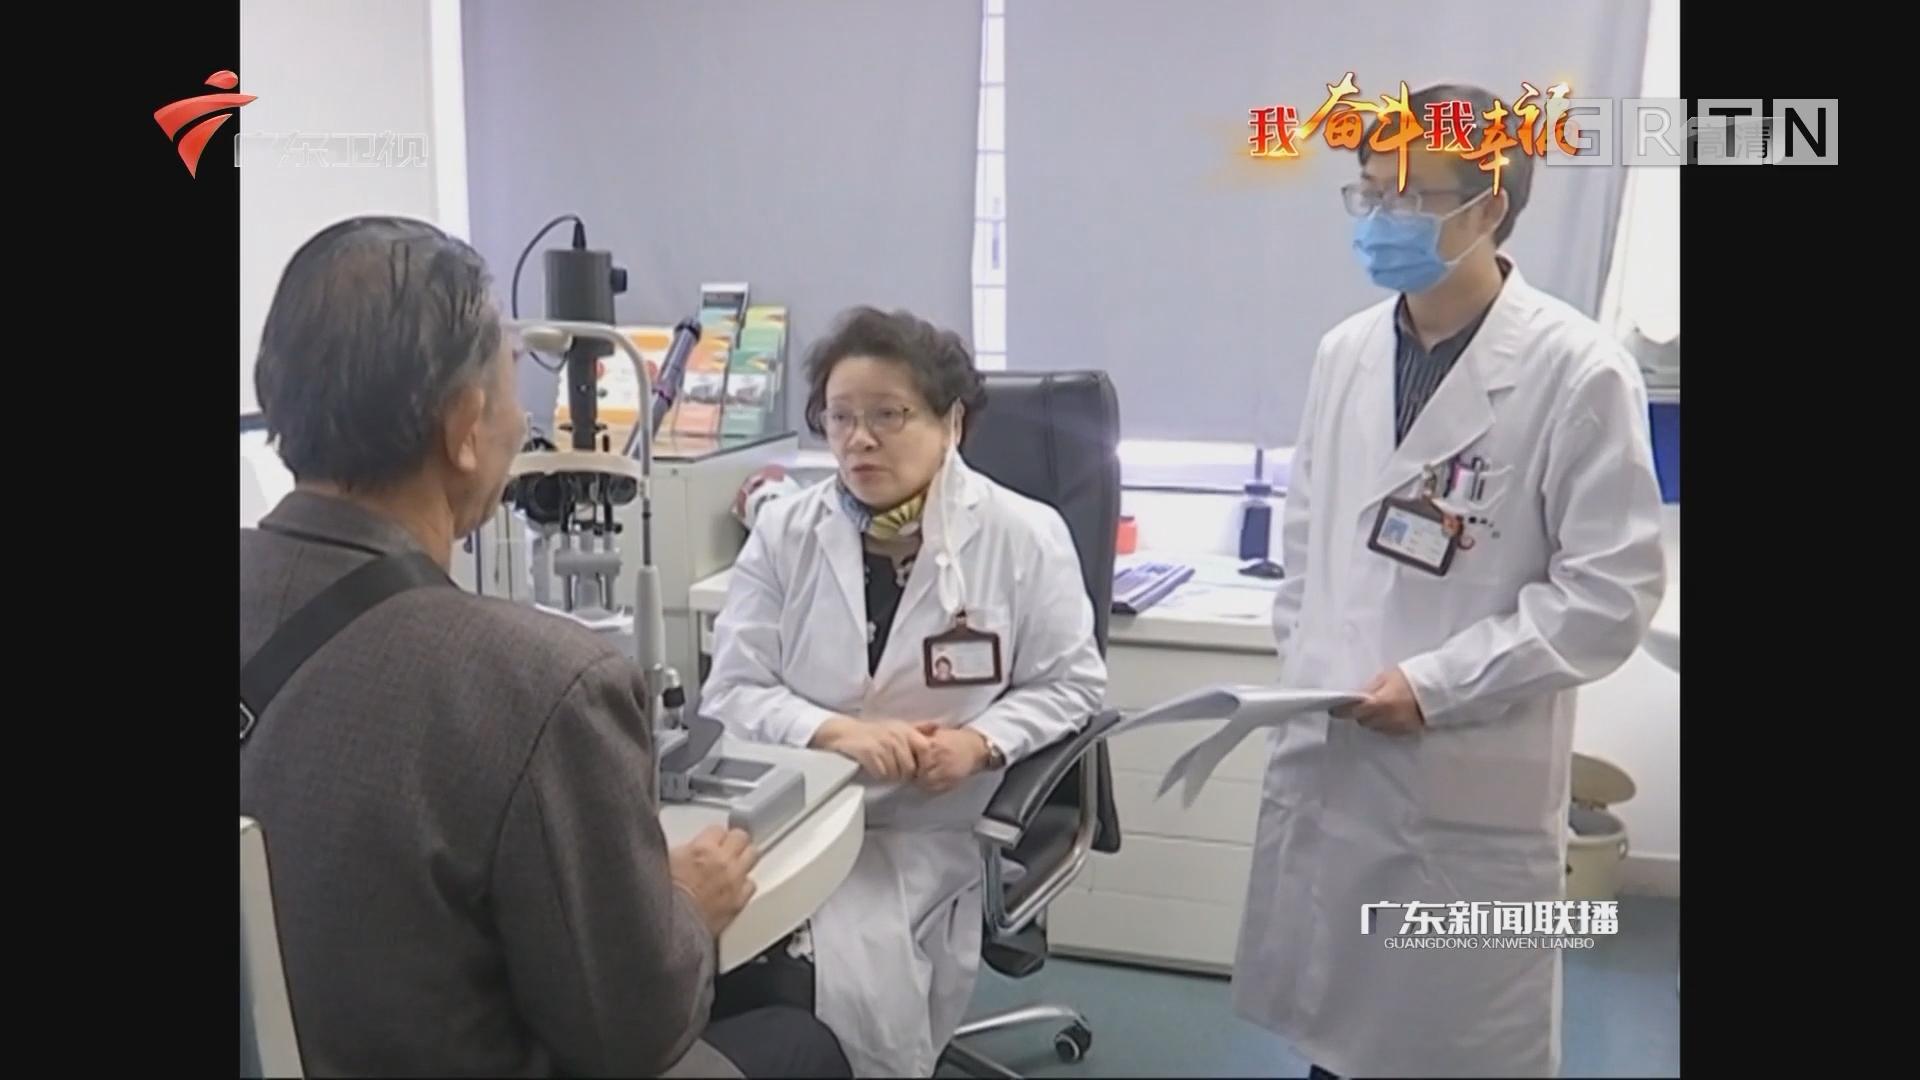 张铭志:为光明奋斗 因职业幸福